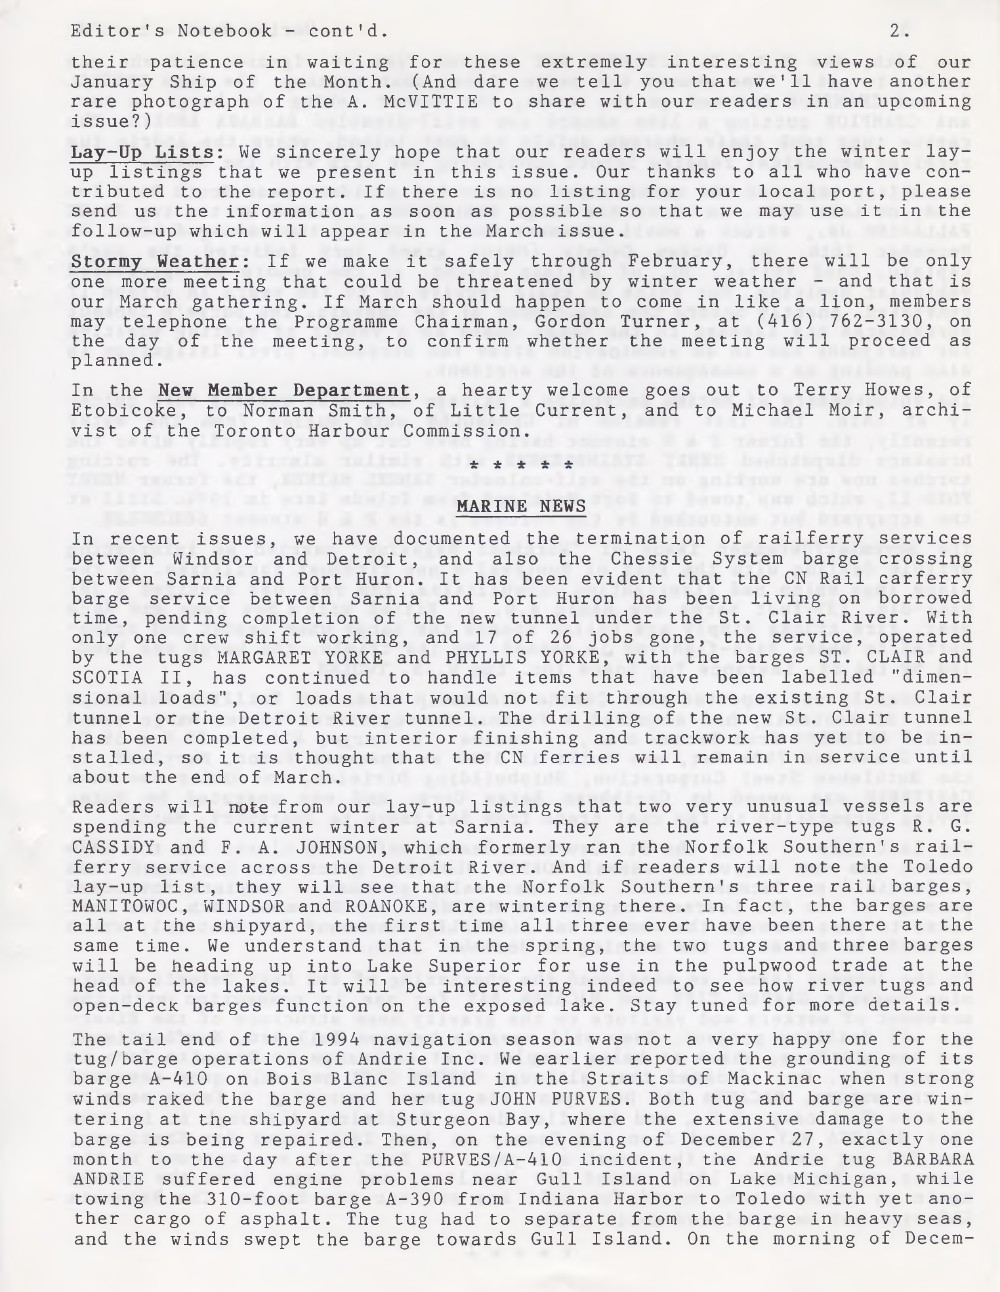 Scanner, v. 27, no. 5 (February 1995)